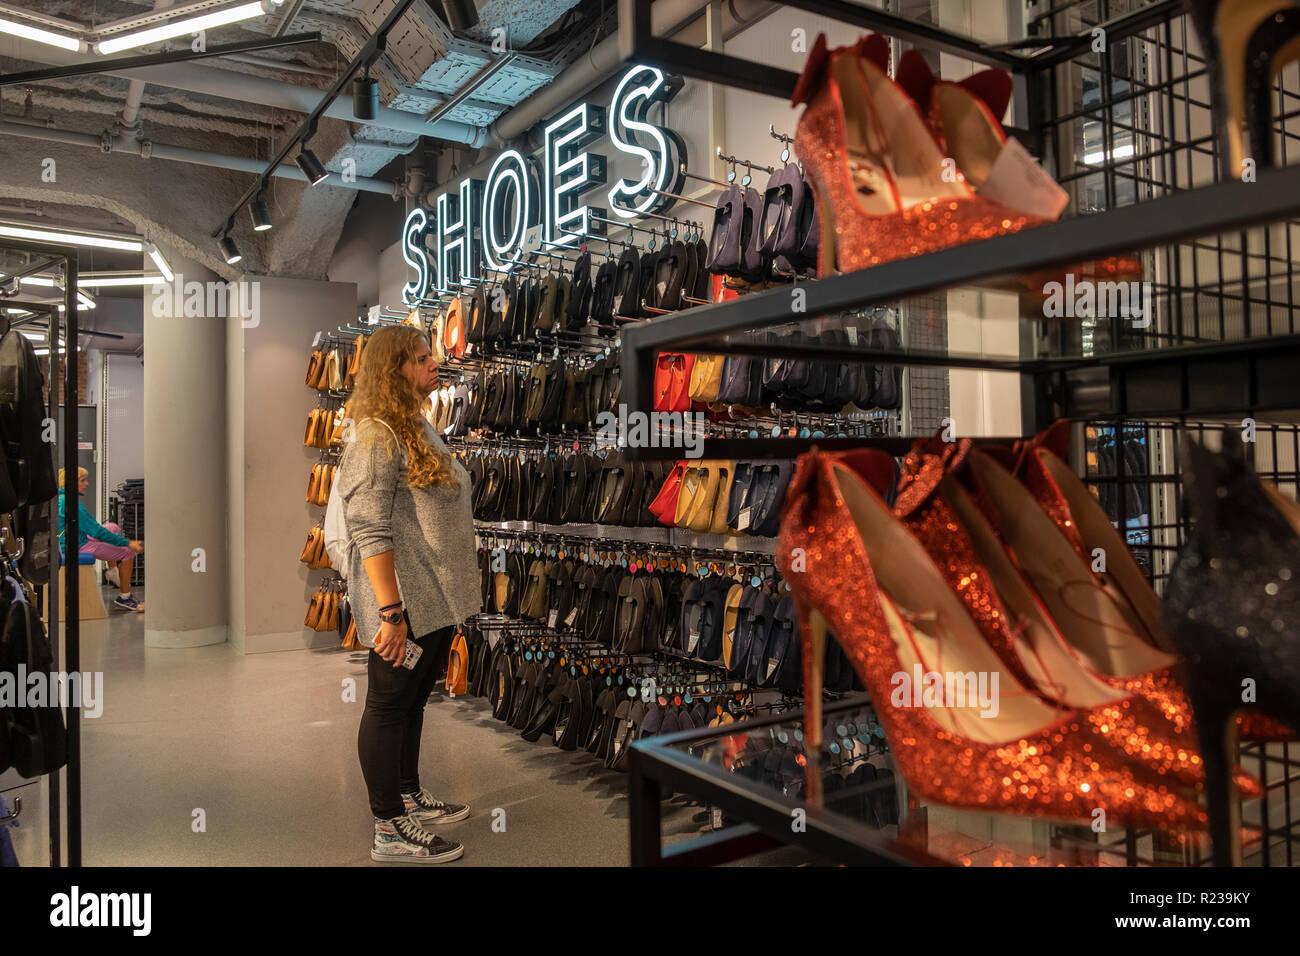 9b1c465aa25 Mujer mirando una pantalla de zapata en Primark tienda, Madrid, España  Imagen De Stock